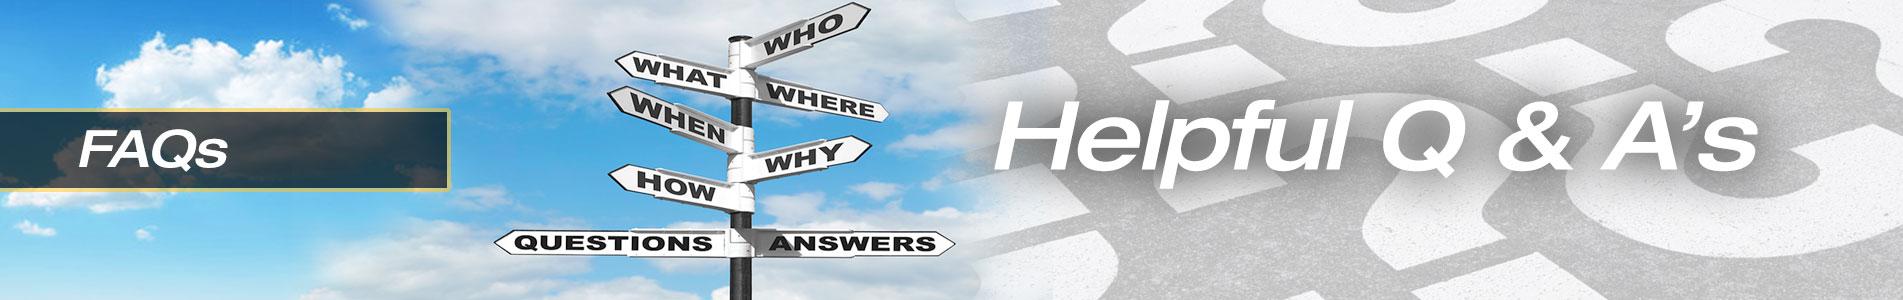 Header FAQ2 - FAQ